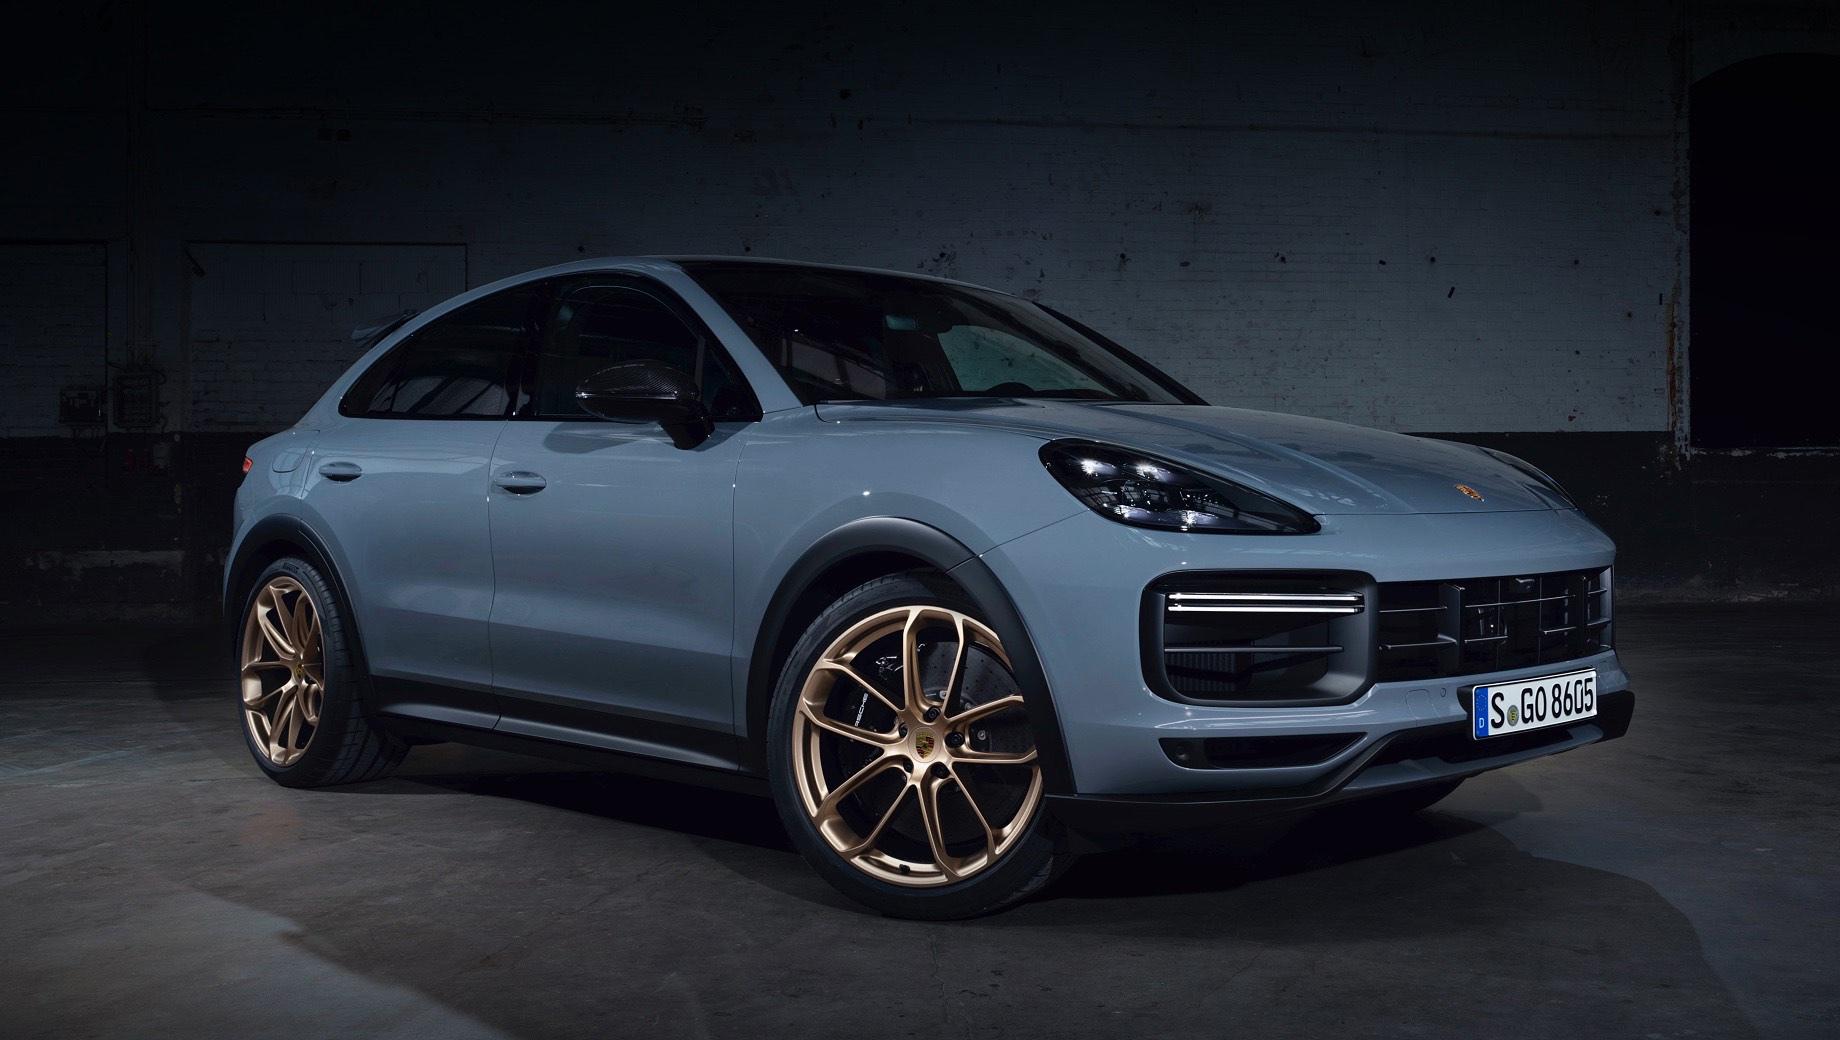 Porsche cayenne,Porsche cayenne turbo,Porsche cayenne turbo gt. Самый быстрый Cayenne можно идентифицировать по новому переднему бамперу с особым сплиттером, увеличенным воздухозаборникам и чёрным расширителям колёсных арок. В них поместили 22-дюймовые колёса GT Design в цвете Neodyme. Новый опциональный цвет кузова — Arctic Grey.